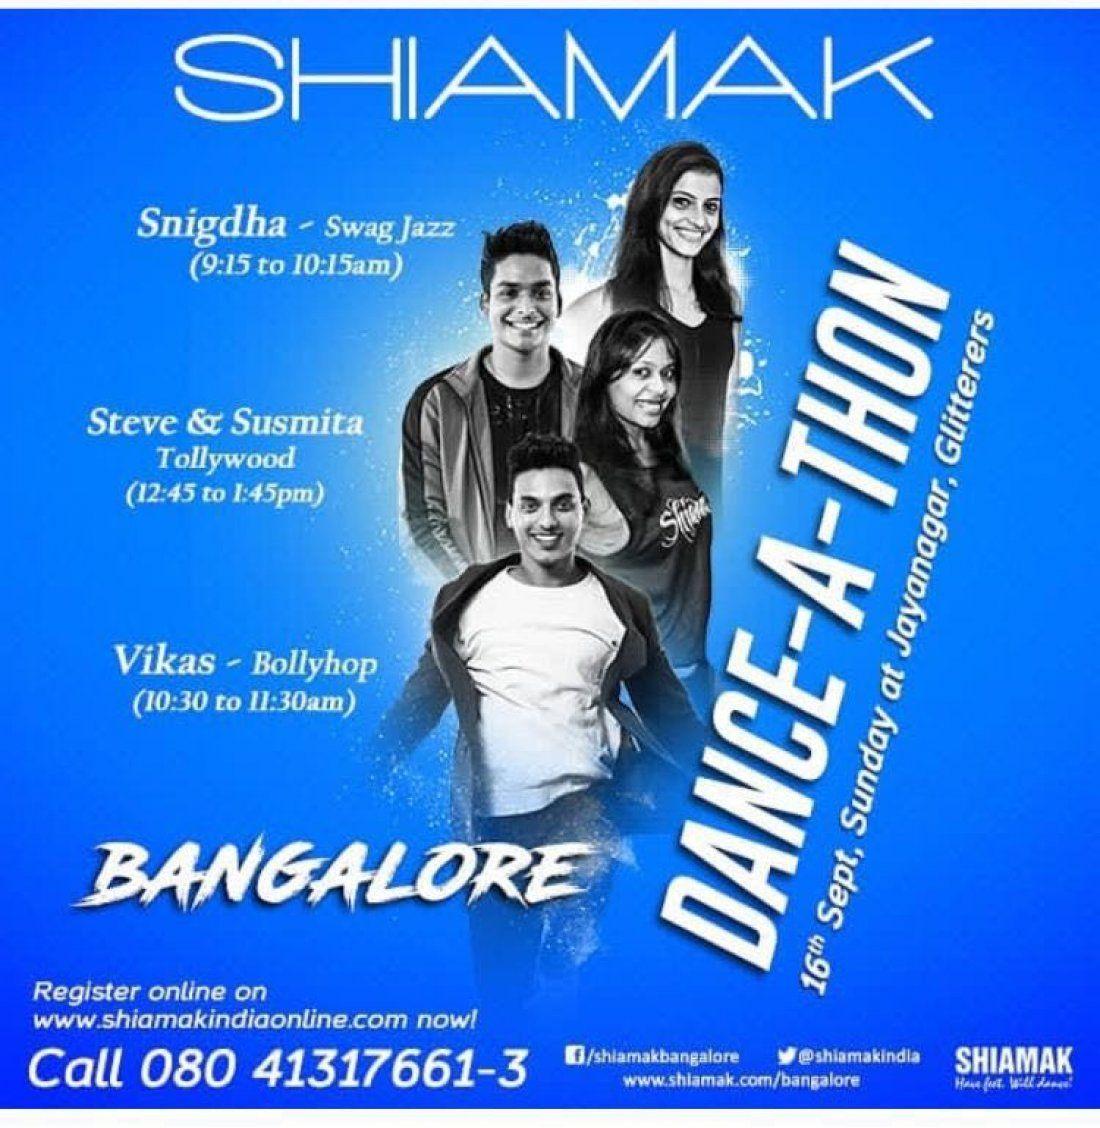 Shiamaks Dance-A-Thon Bangalore